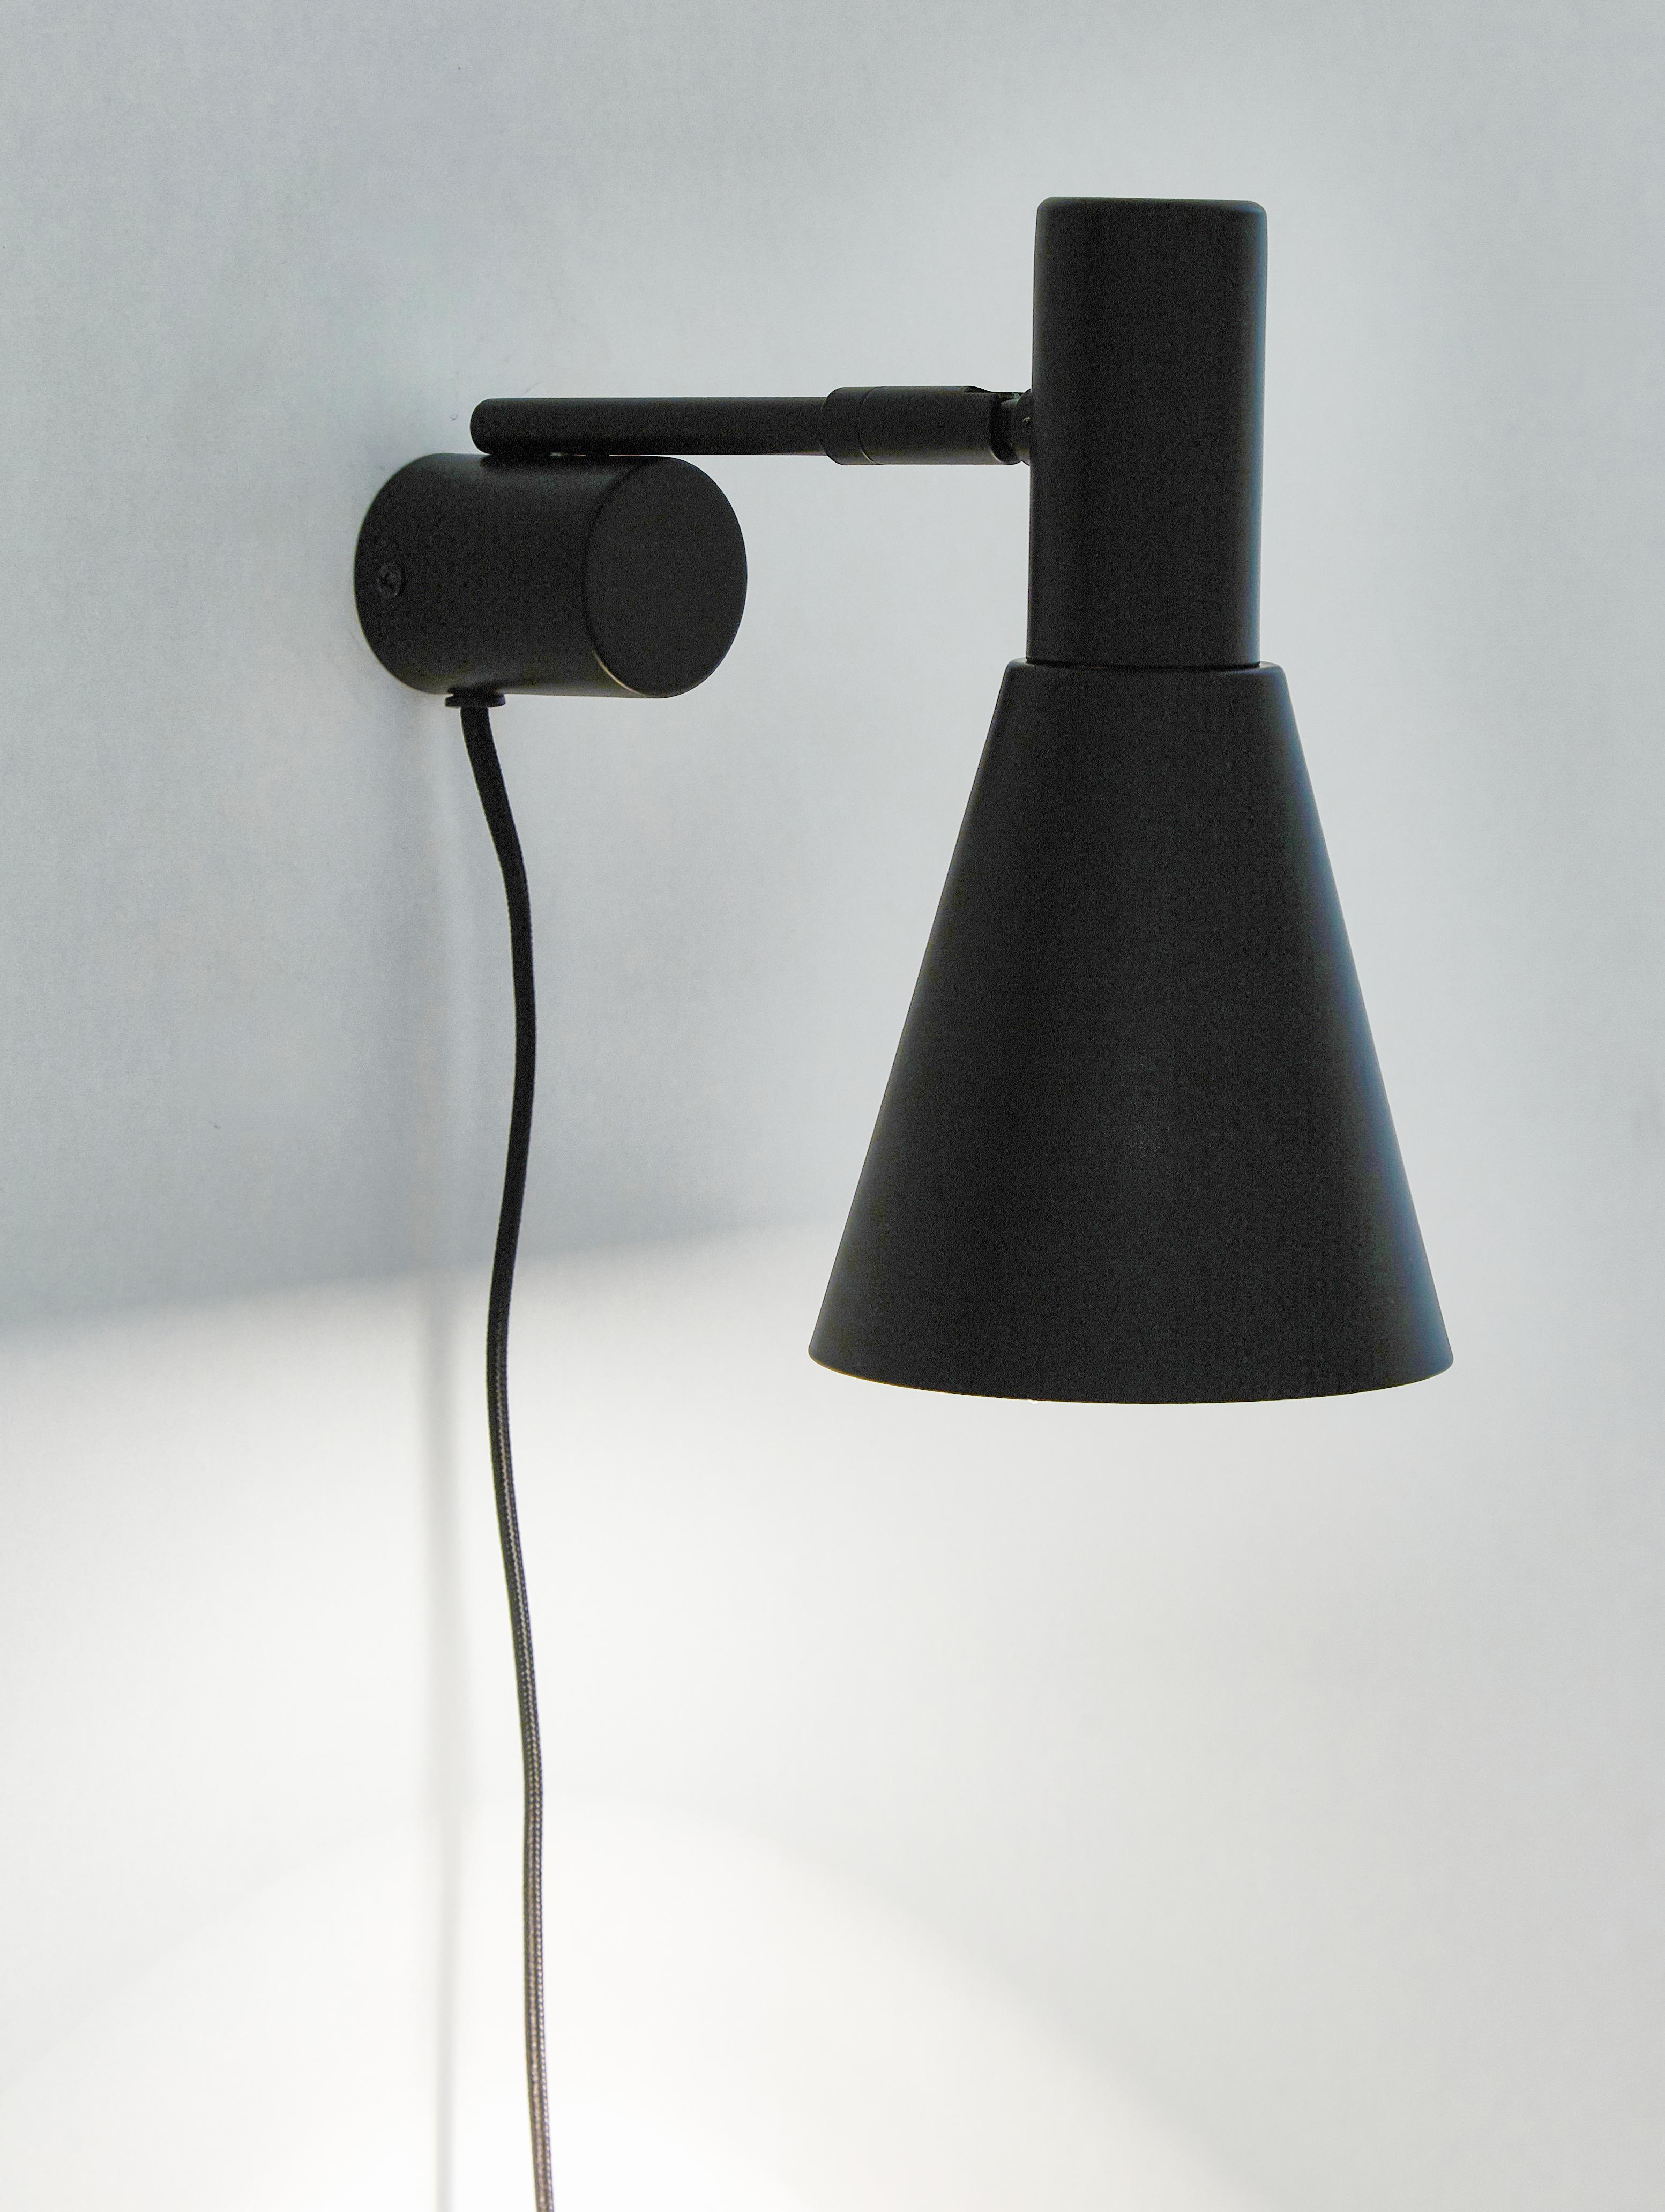 Wandleuchte Sia mit Stecker, Lampenschirm: Metall, pulverbeschichtet, Lampenfuß: Metall, pulverbeschichtet, Schwarz, 13 x 27 cm